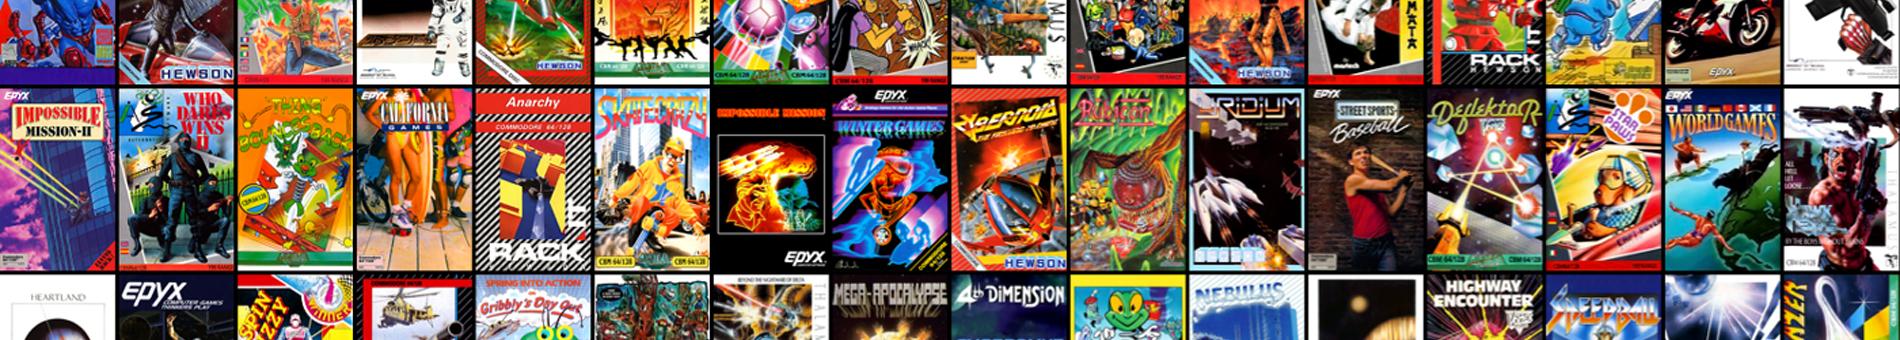 C64 Promo Page Tile1